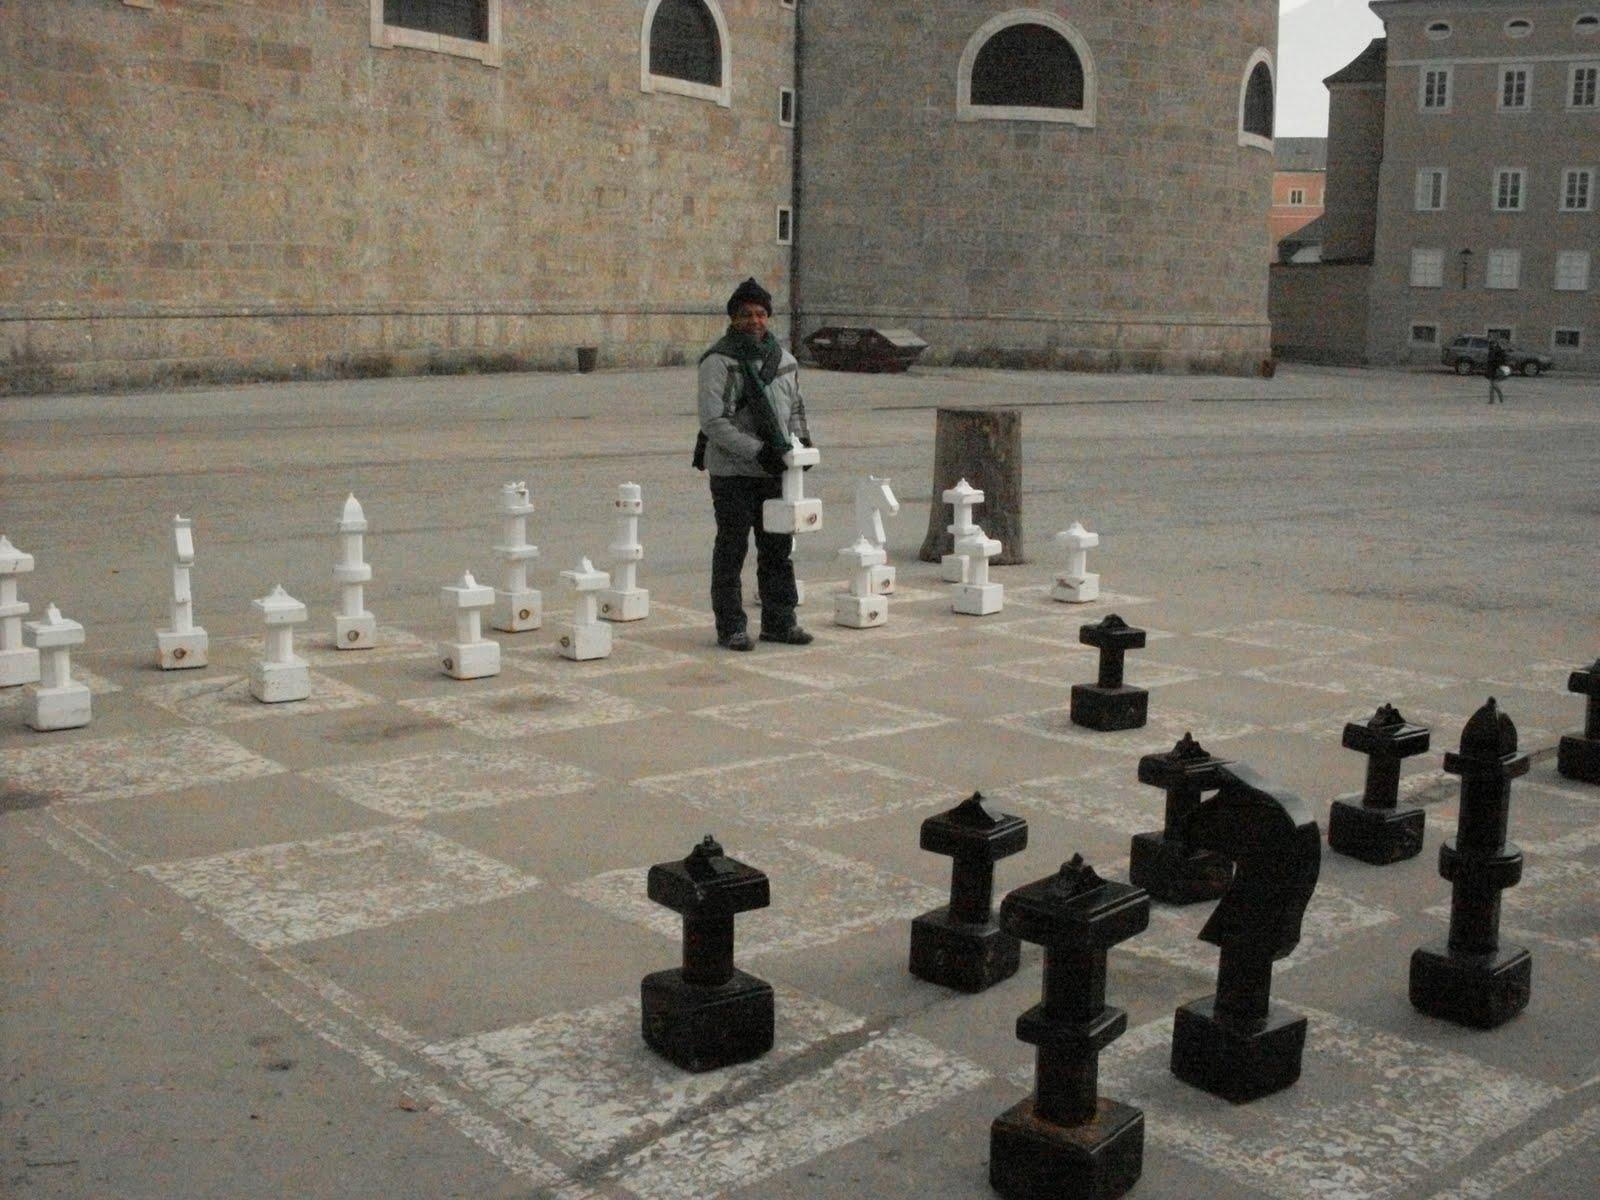 Resultado de imagem para Salzburg: Jogue xadrez gigante na rua